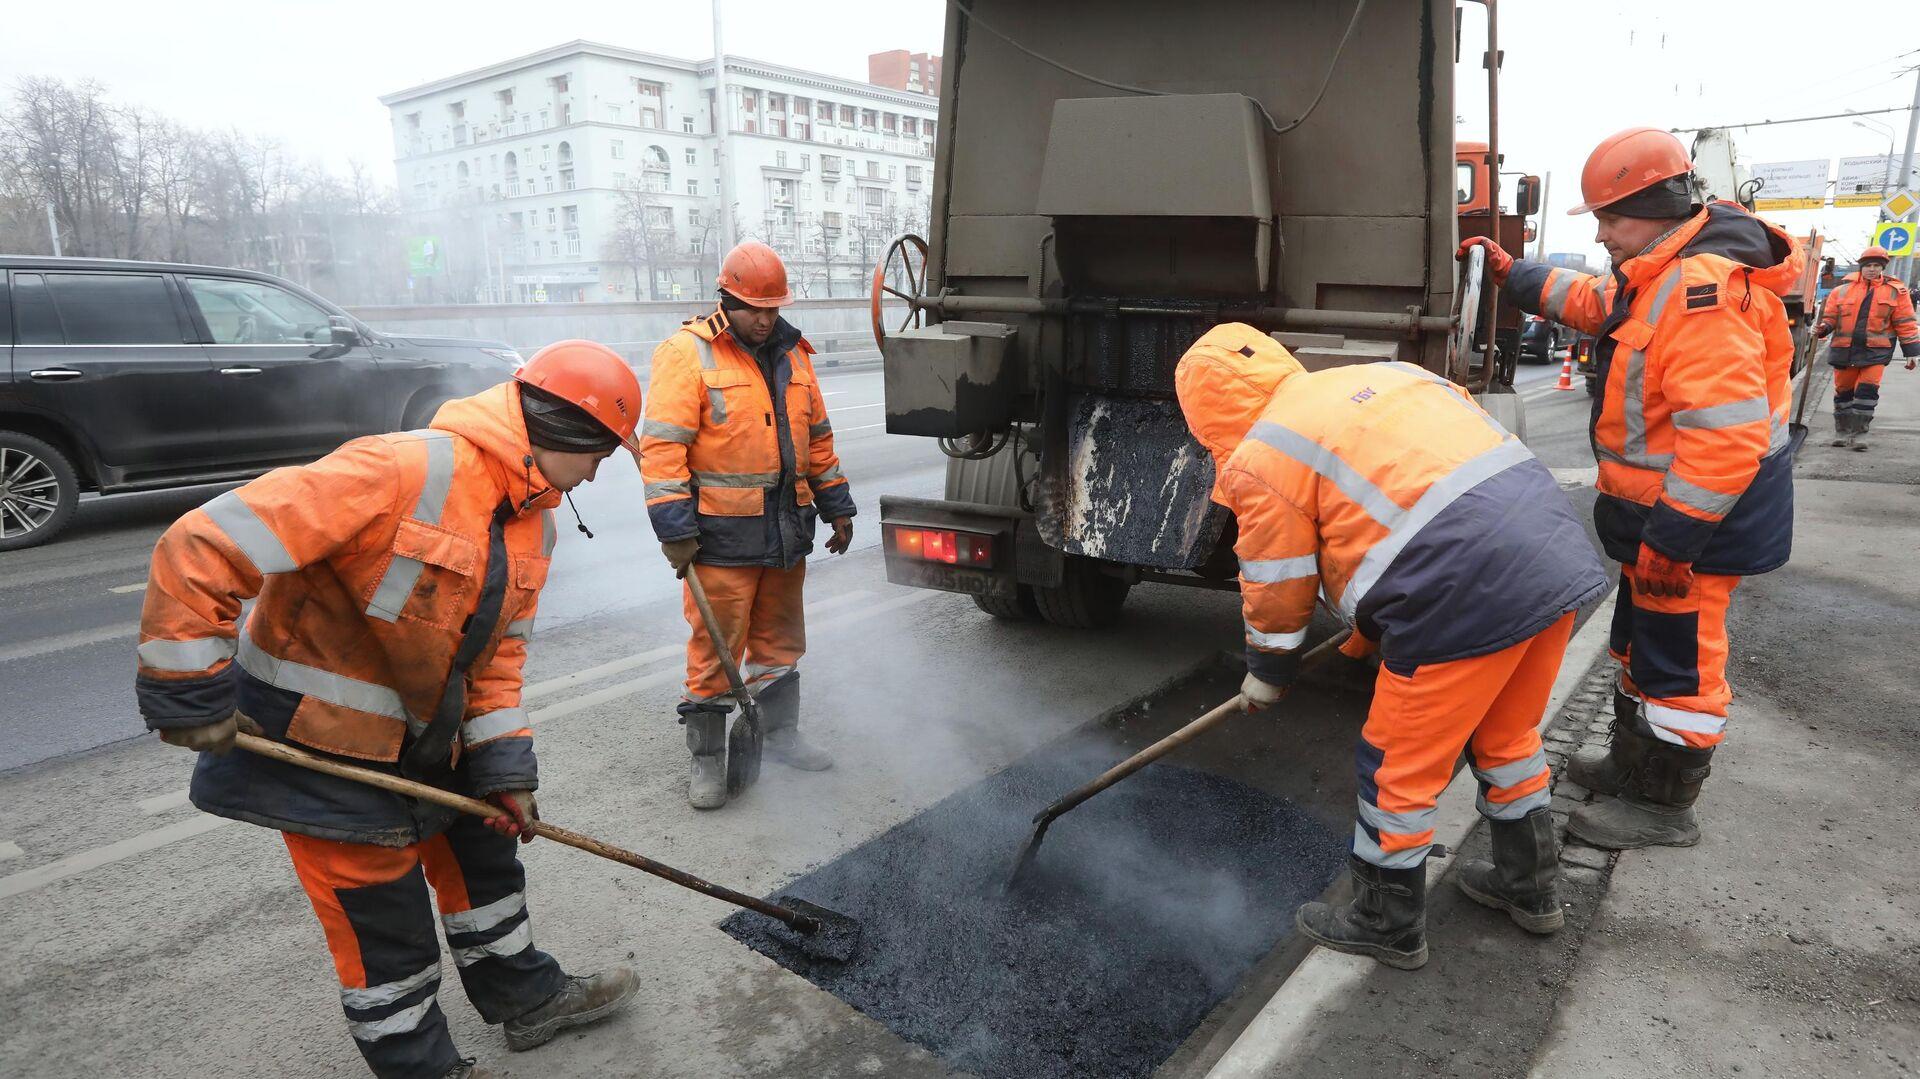 Рабочие бригады проводят ремонт дорожного покрытия - РИА Новости, 1920, 03.12.2020